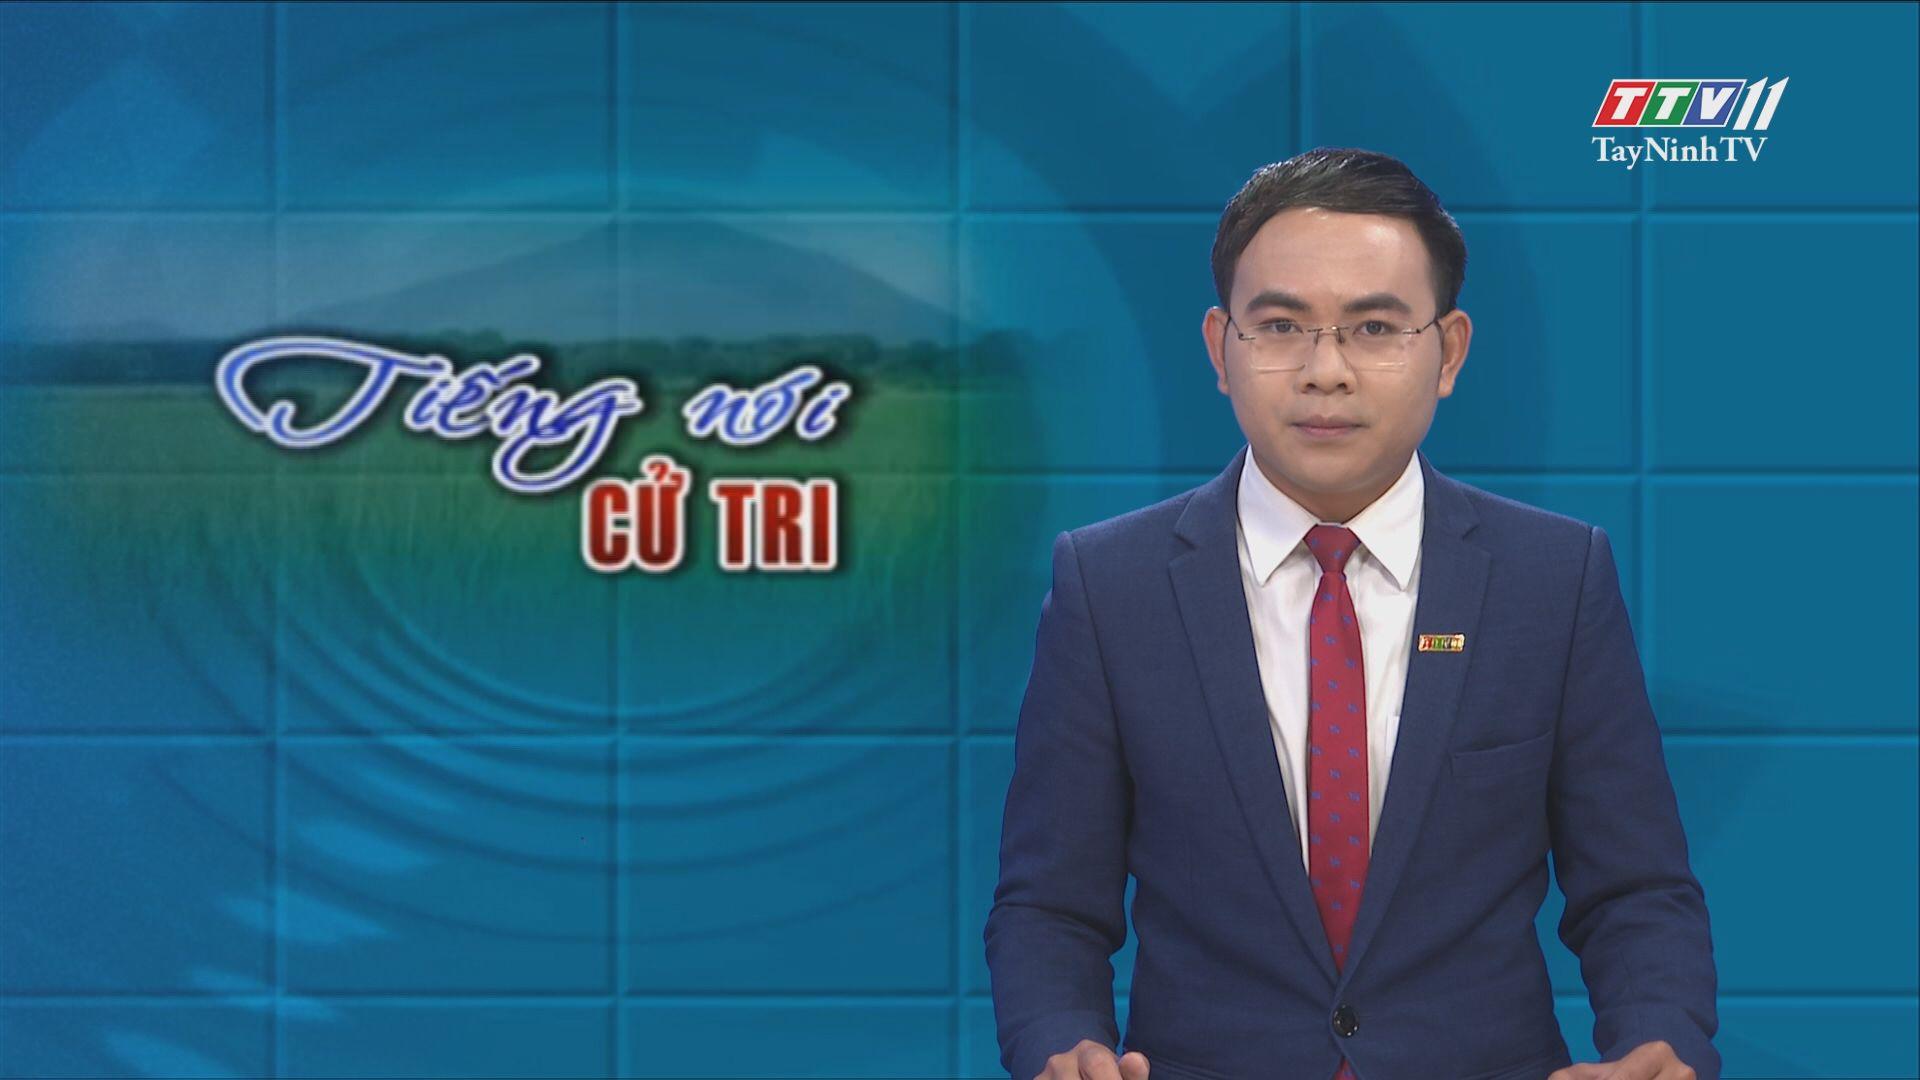 Đoàn khảo sát HĐND tỉnh khảo sát thực tế từ kiến nghị của cử tri | TIẾNG NÓI CỬ TRI | TayNinhTV